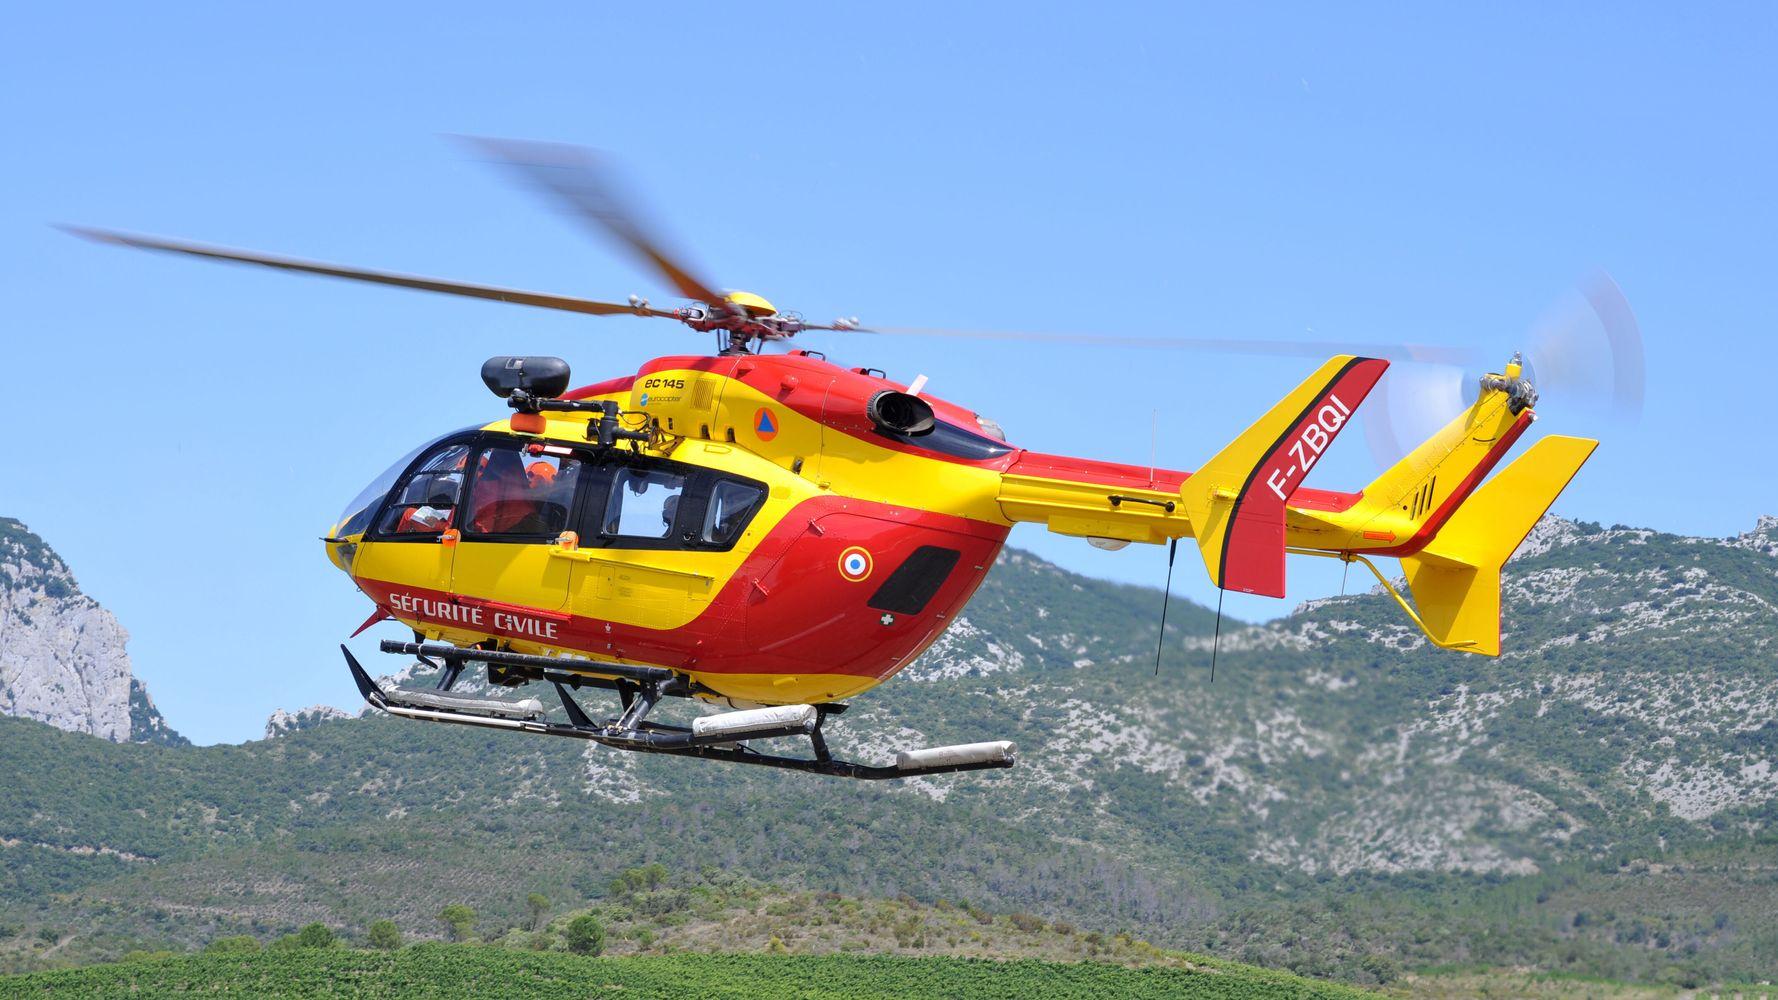 Le crash d'un hélicoptère de la Sécurité civile en Isère fait au moins un mort